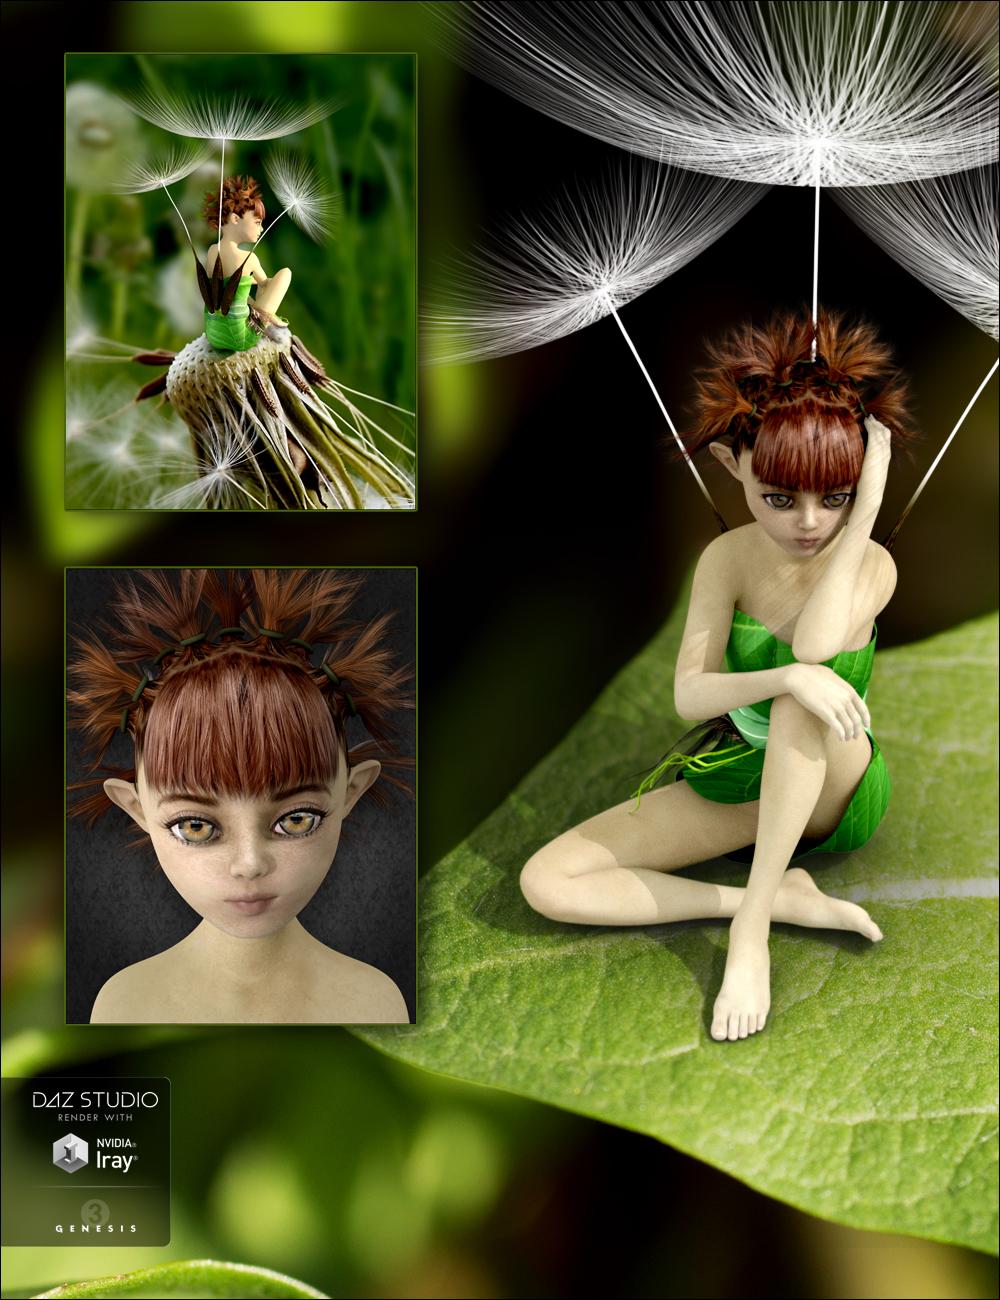 Dandelion Bundle by: DarkStarBurningMindVision G.D.S., 3D Models by Daz 3D